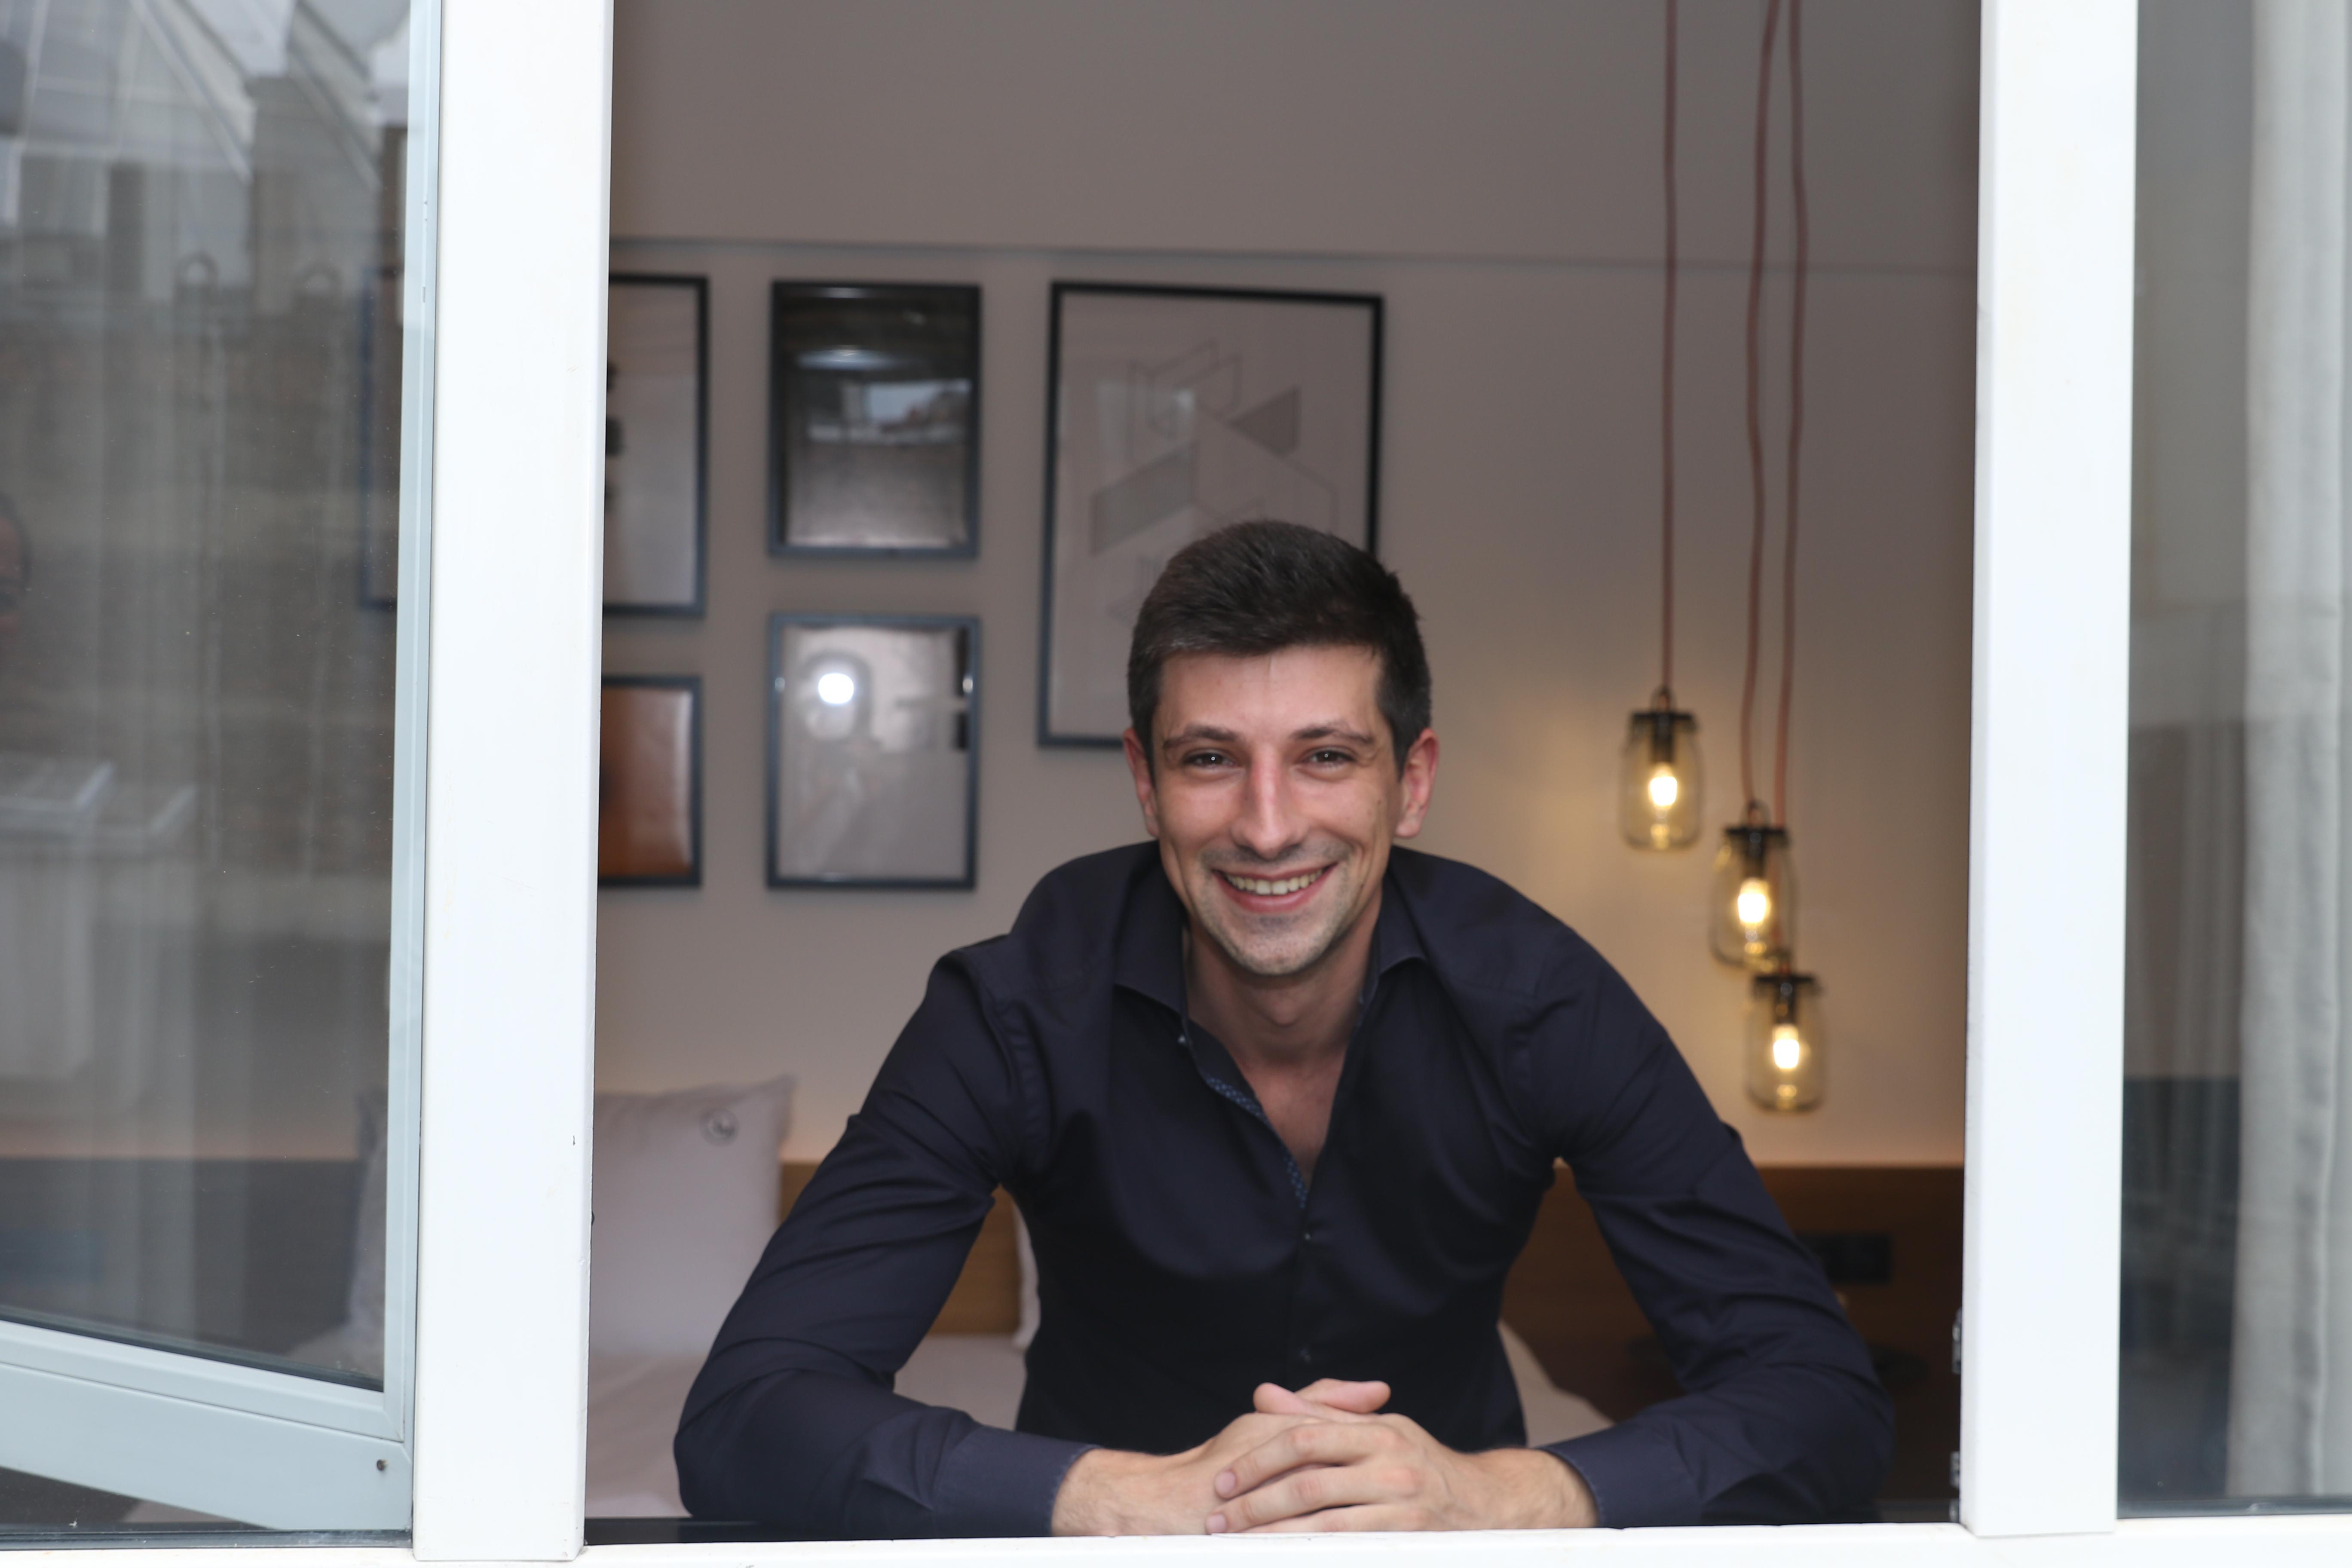 Борис Павлов е убеден, че България е място с потенциал за нови идеи и така се прибира и дава старт на Flat manager - фирма за управление на имоти в Airbnb, която развива изключително успешно.